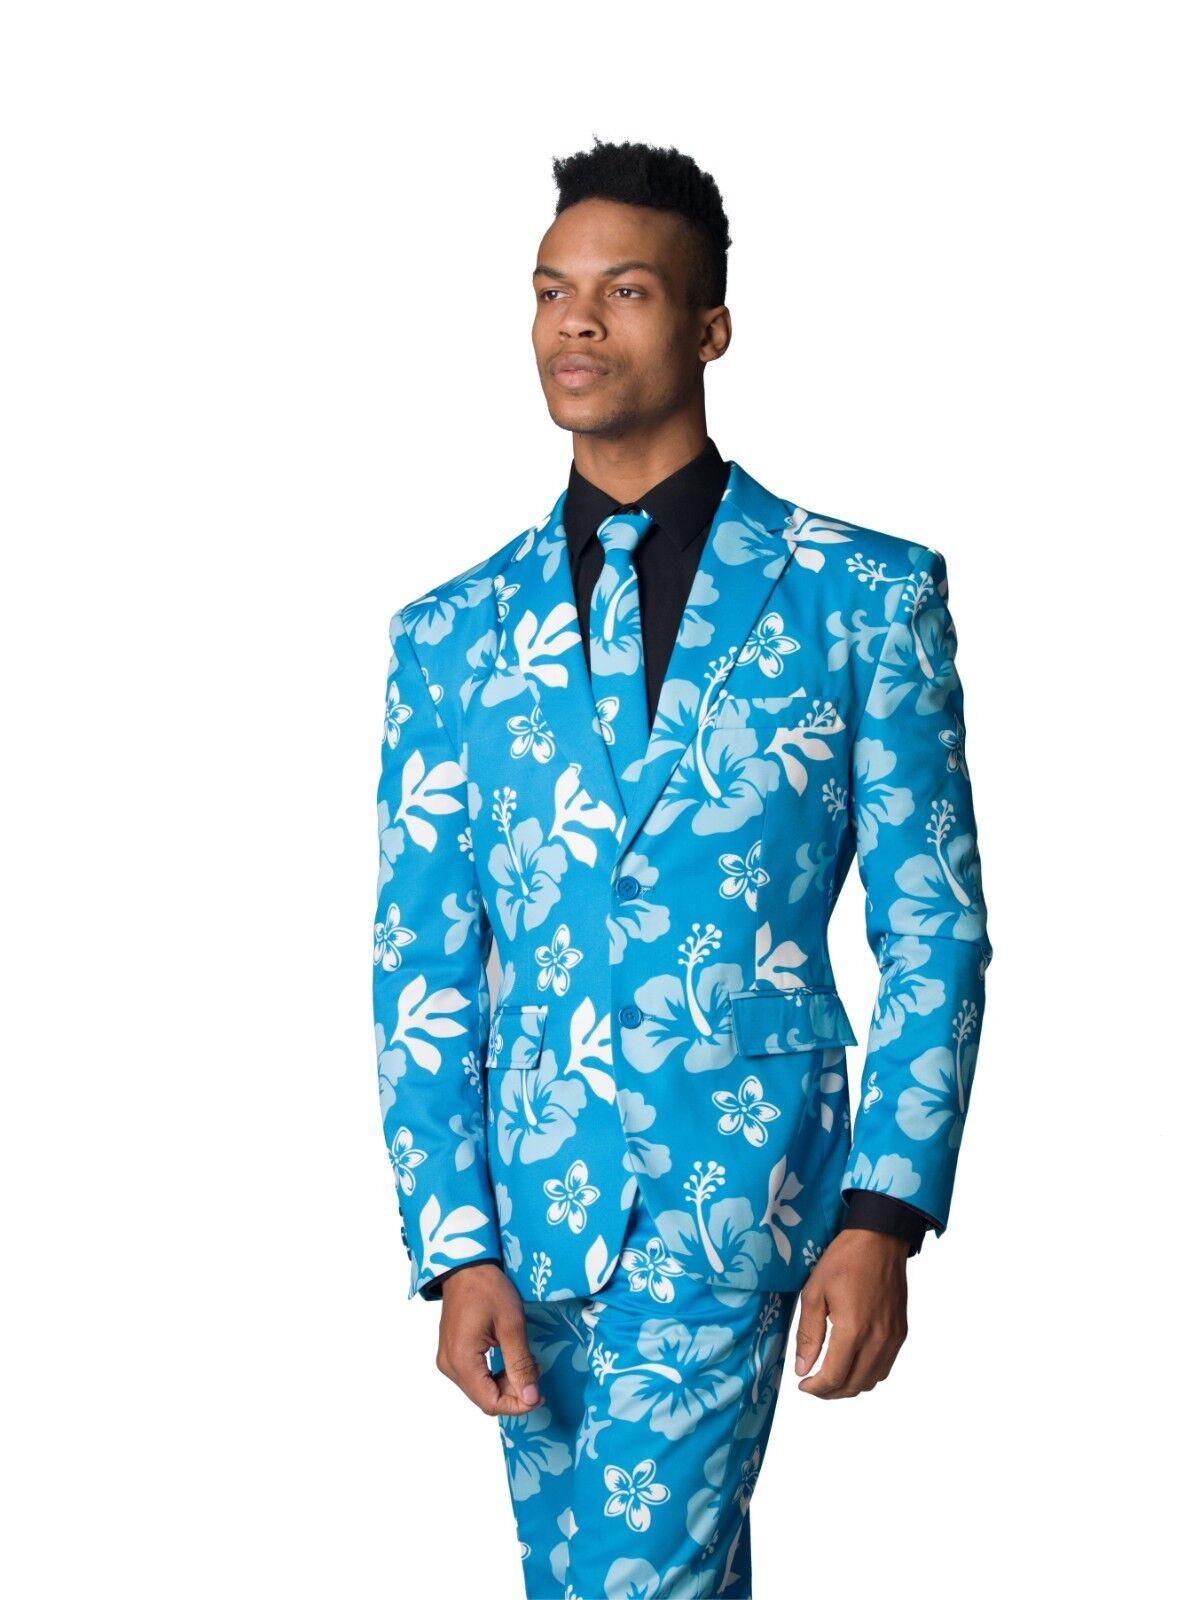 Big Kahuna bluee Floral Hawaiian Print Costume Suit